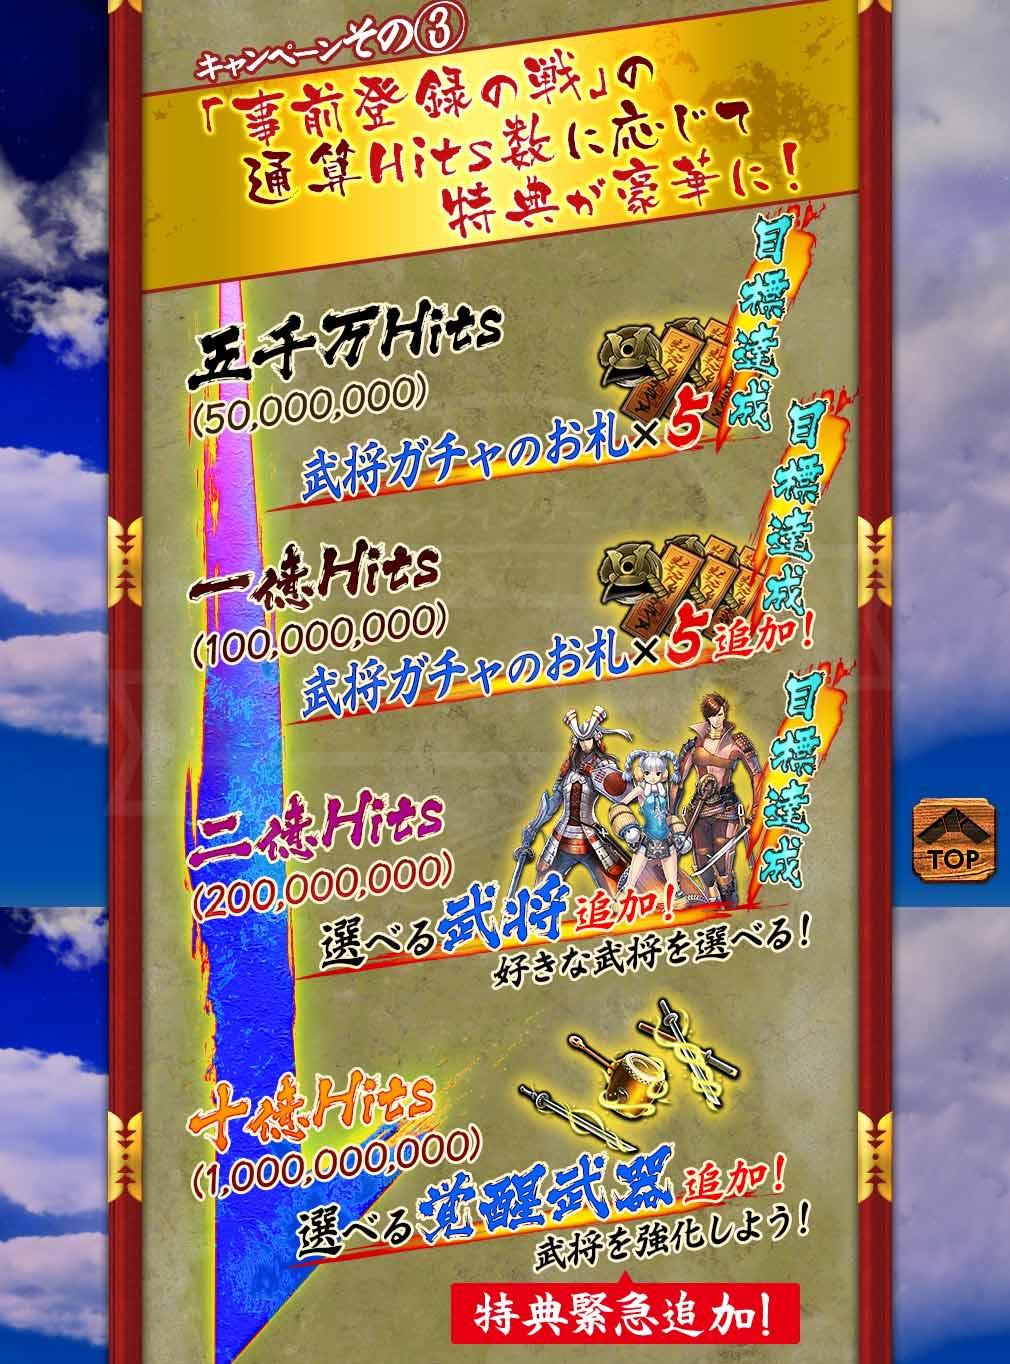 戦国BASARA バトルパーティー (バトパ) 『事前登録の戦』特典紹介イメージ